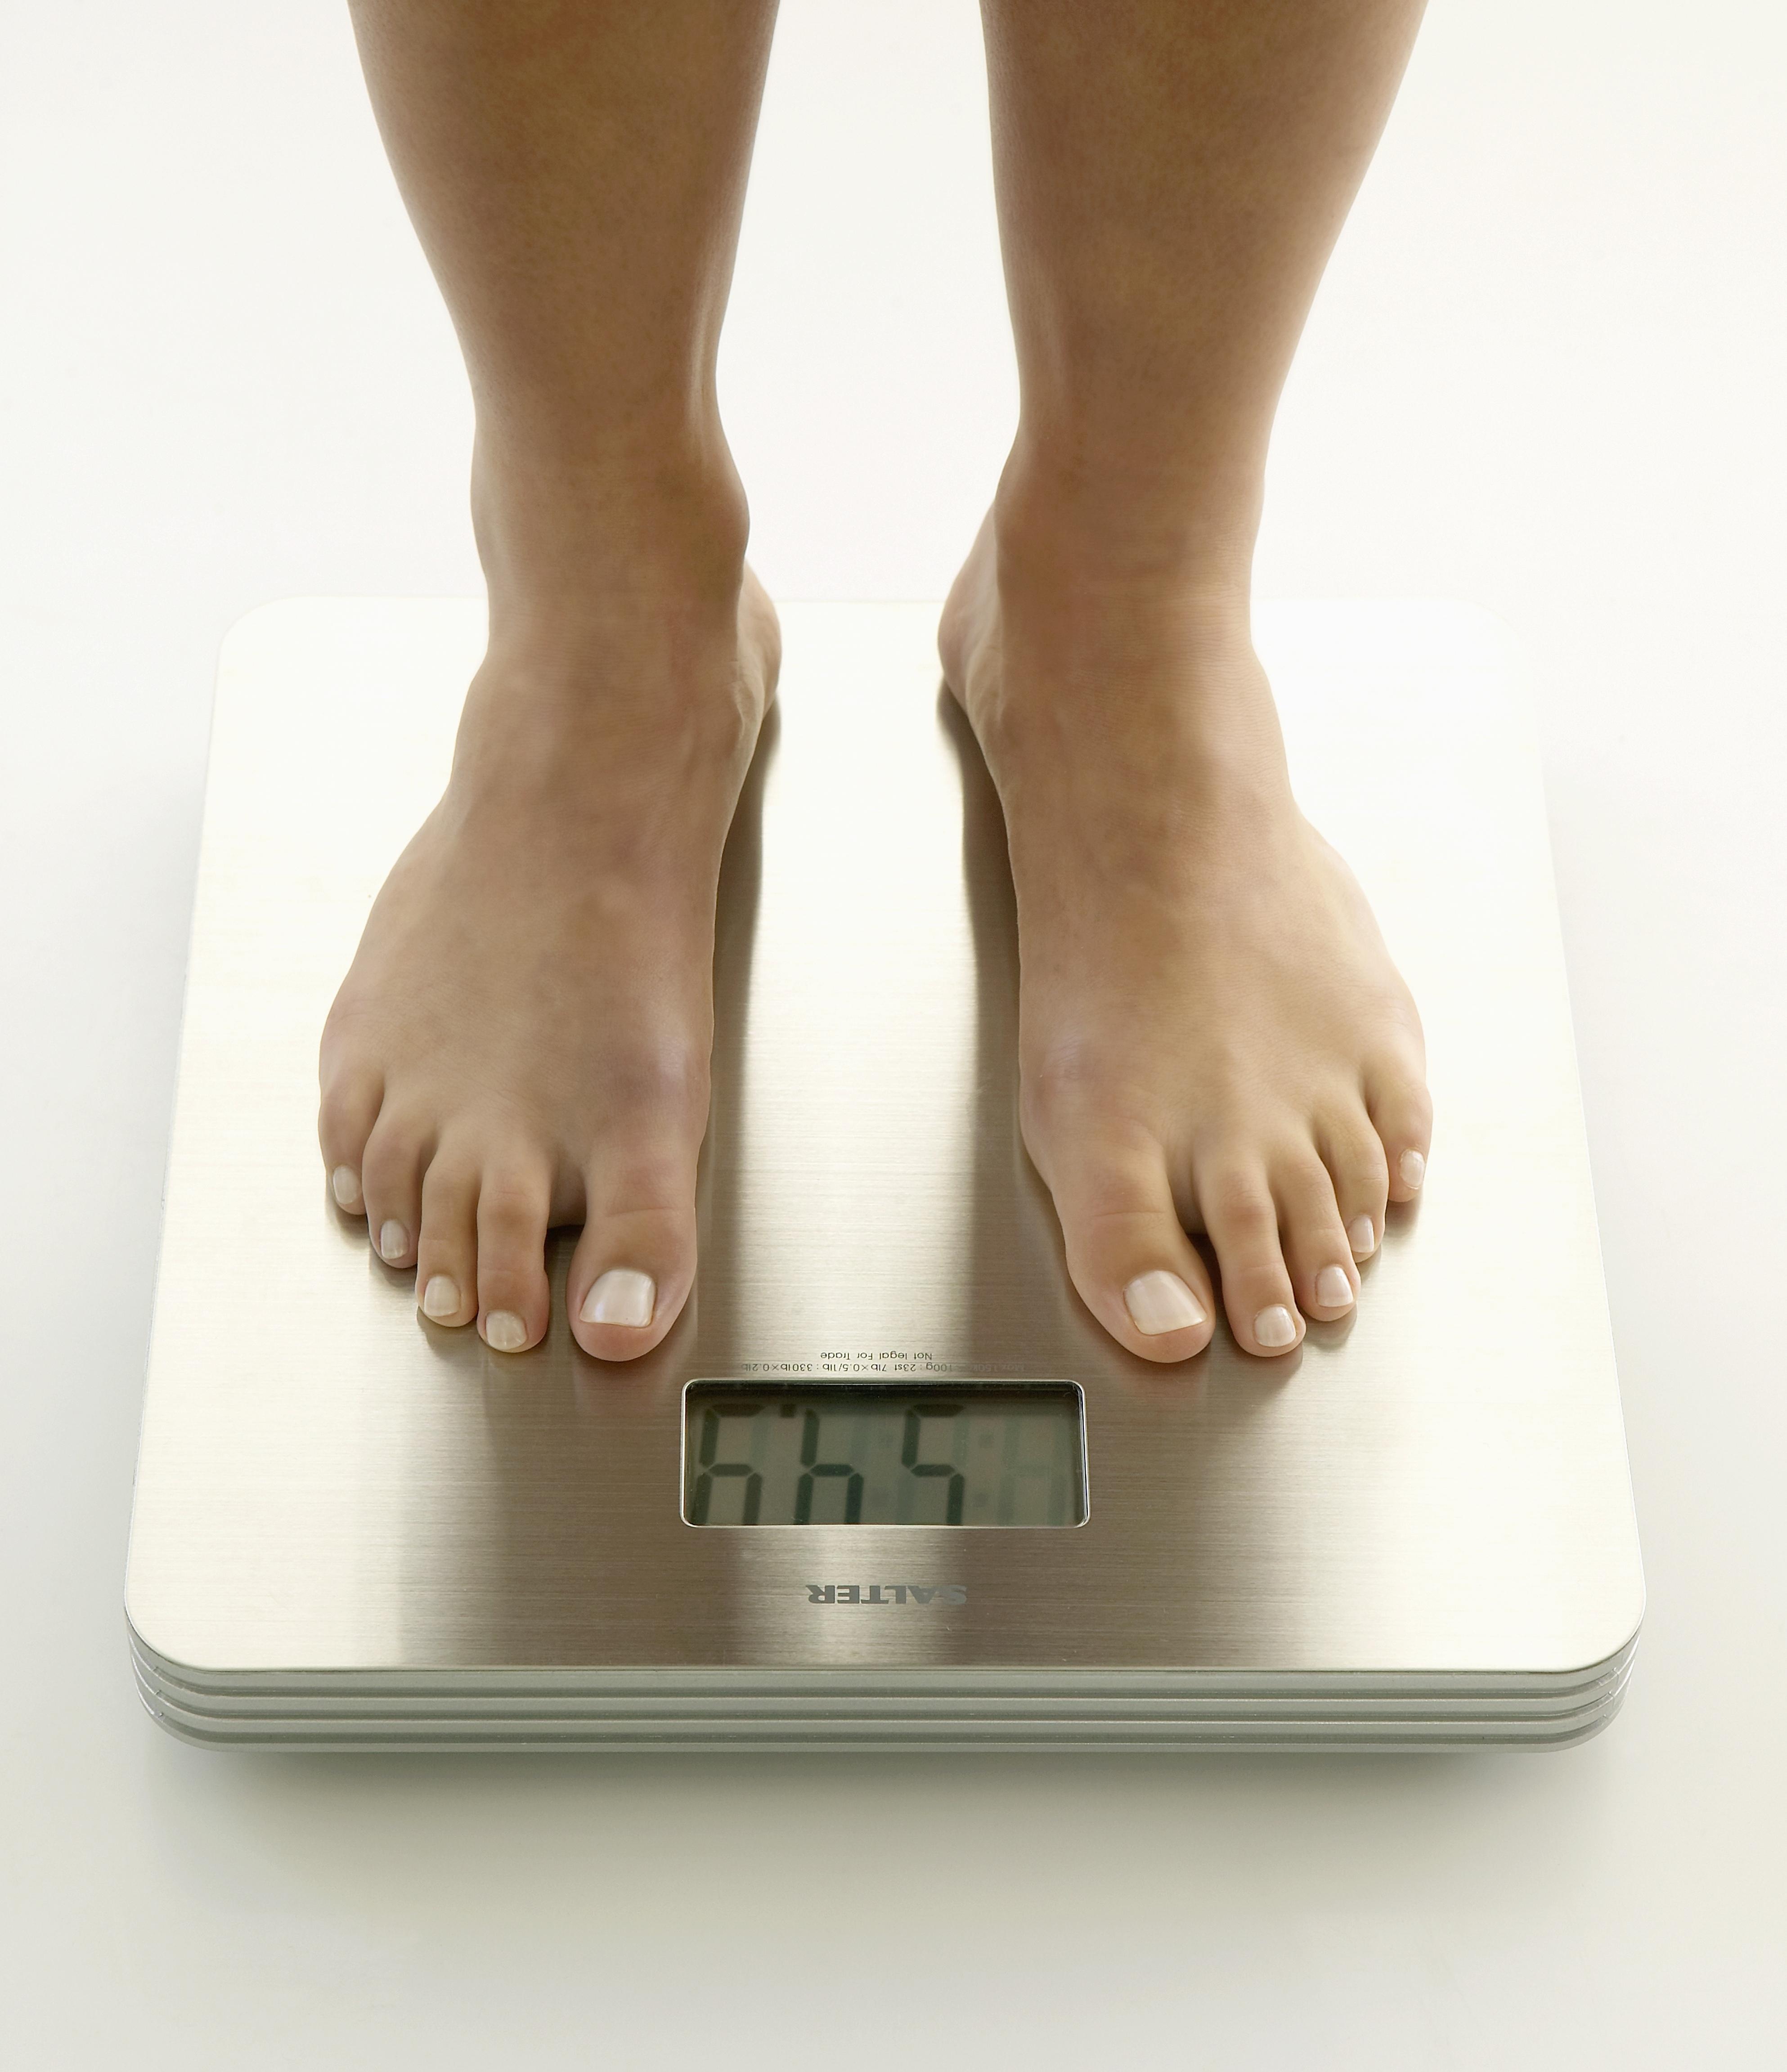 pierde fecale în greutate scădere în greutate cu sudarshan kriya